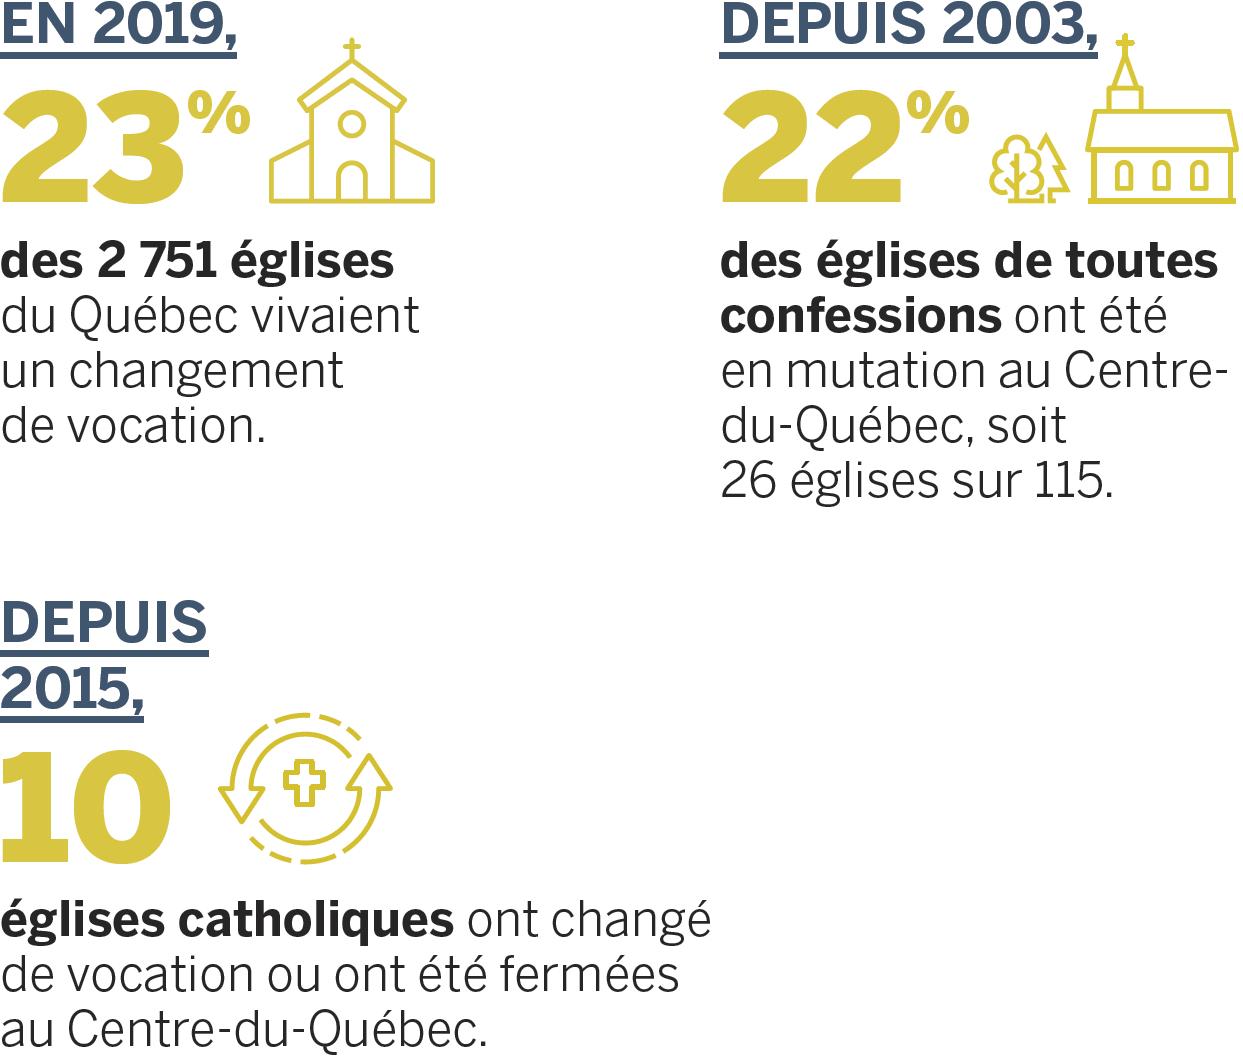 Statistiques des églises (2019)